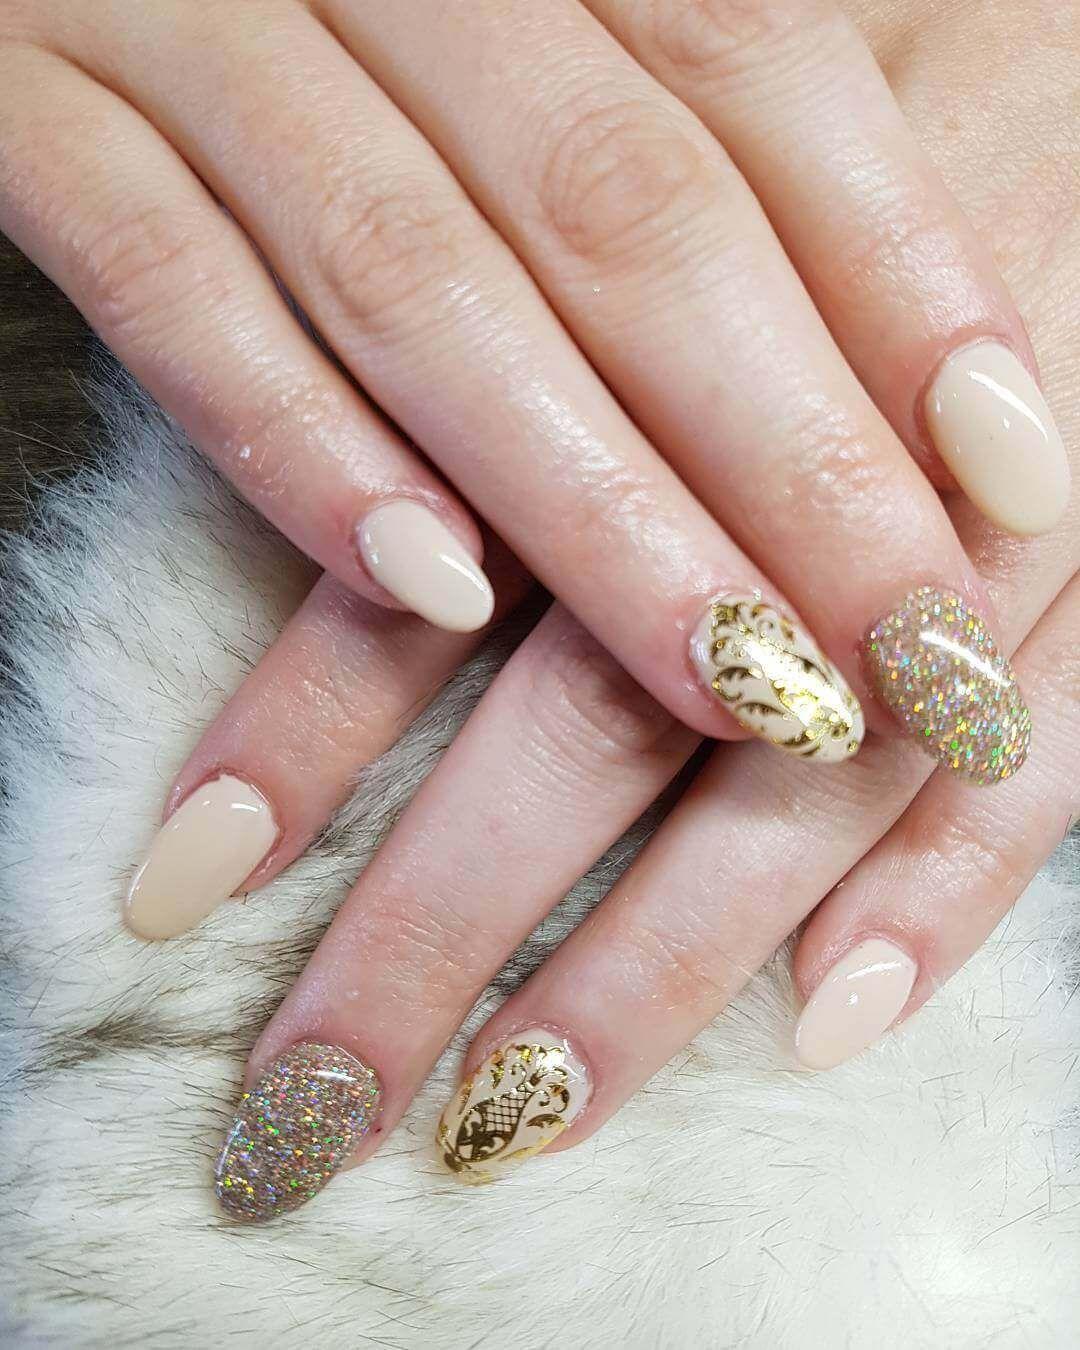 Inglot nail Polish #337 | Nail polish, Nails, Inglot nail polish